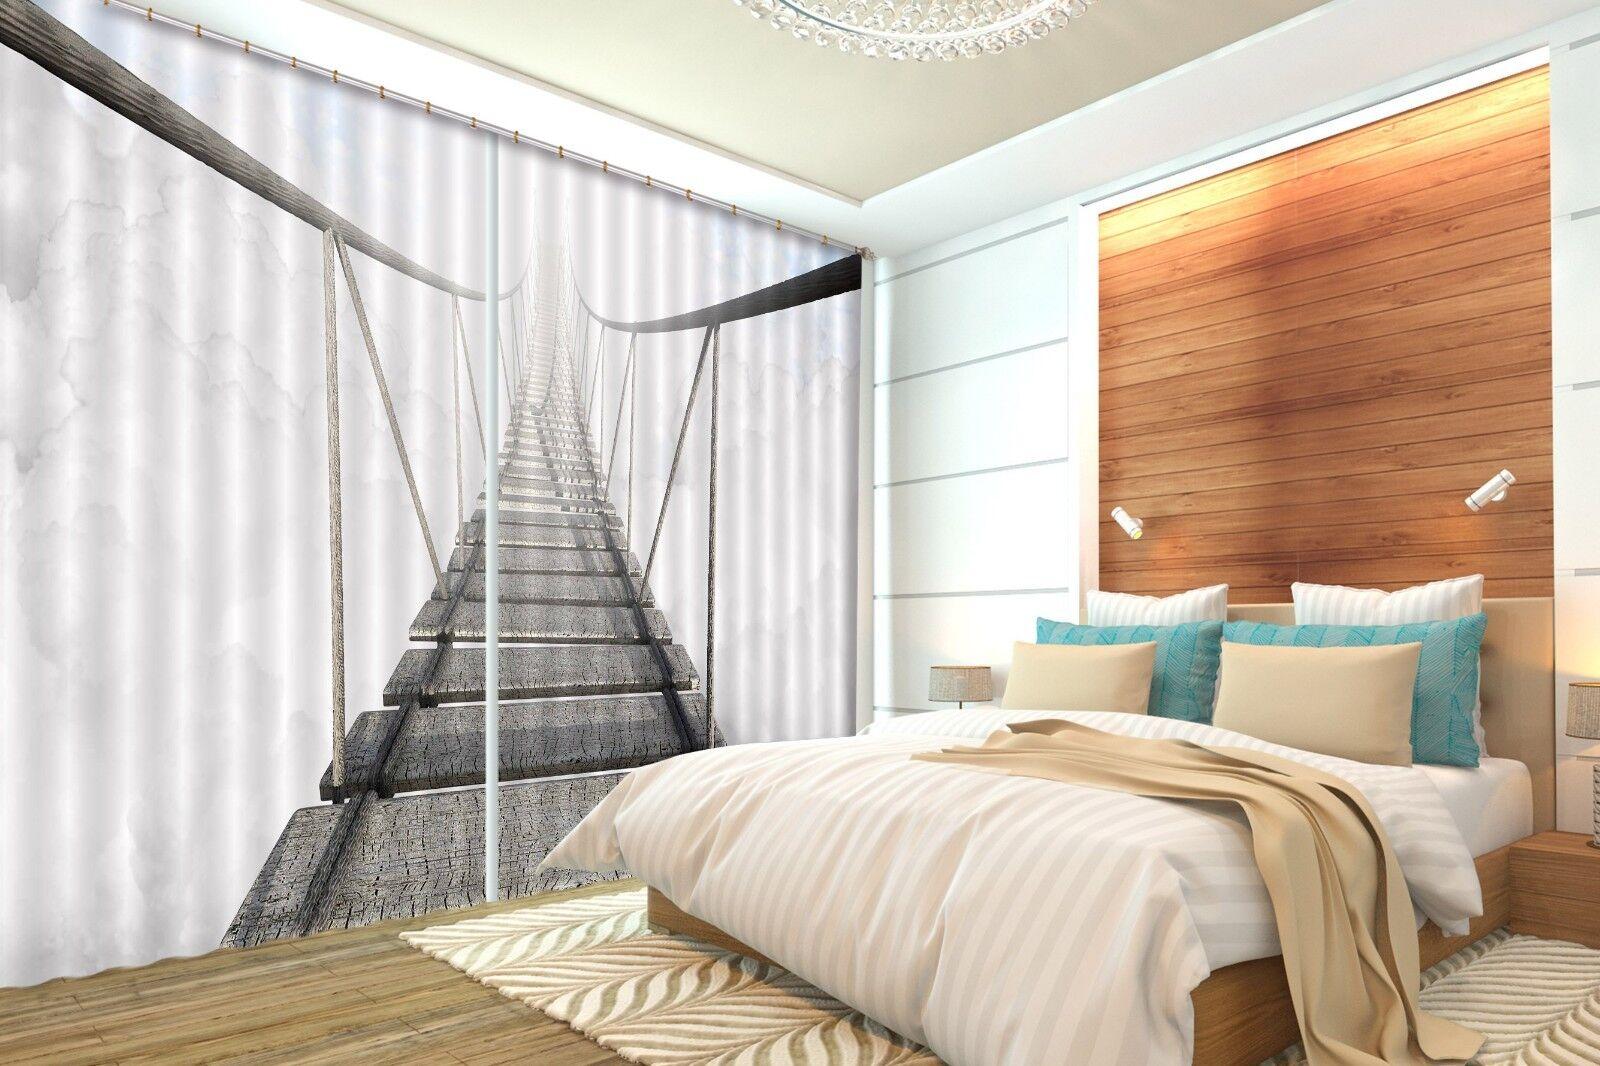 3d puentes pasarela bloqueo 9 cortina de fotografía presión cortinas cortina de tela de ventana